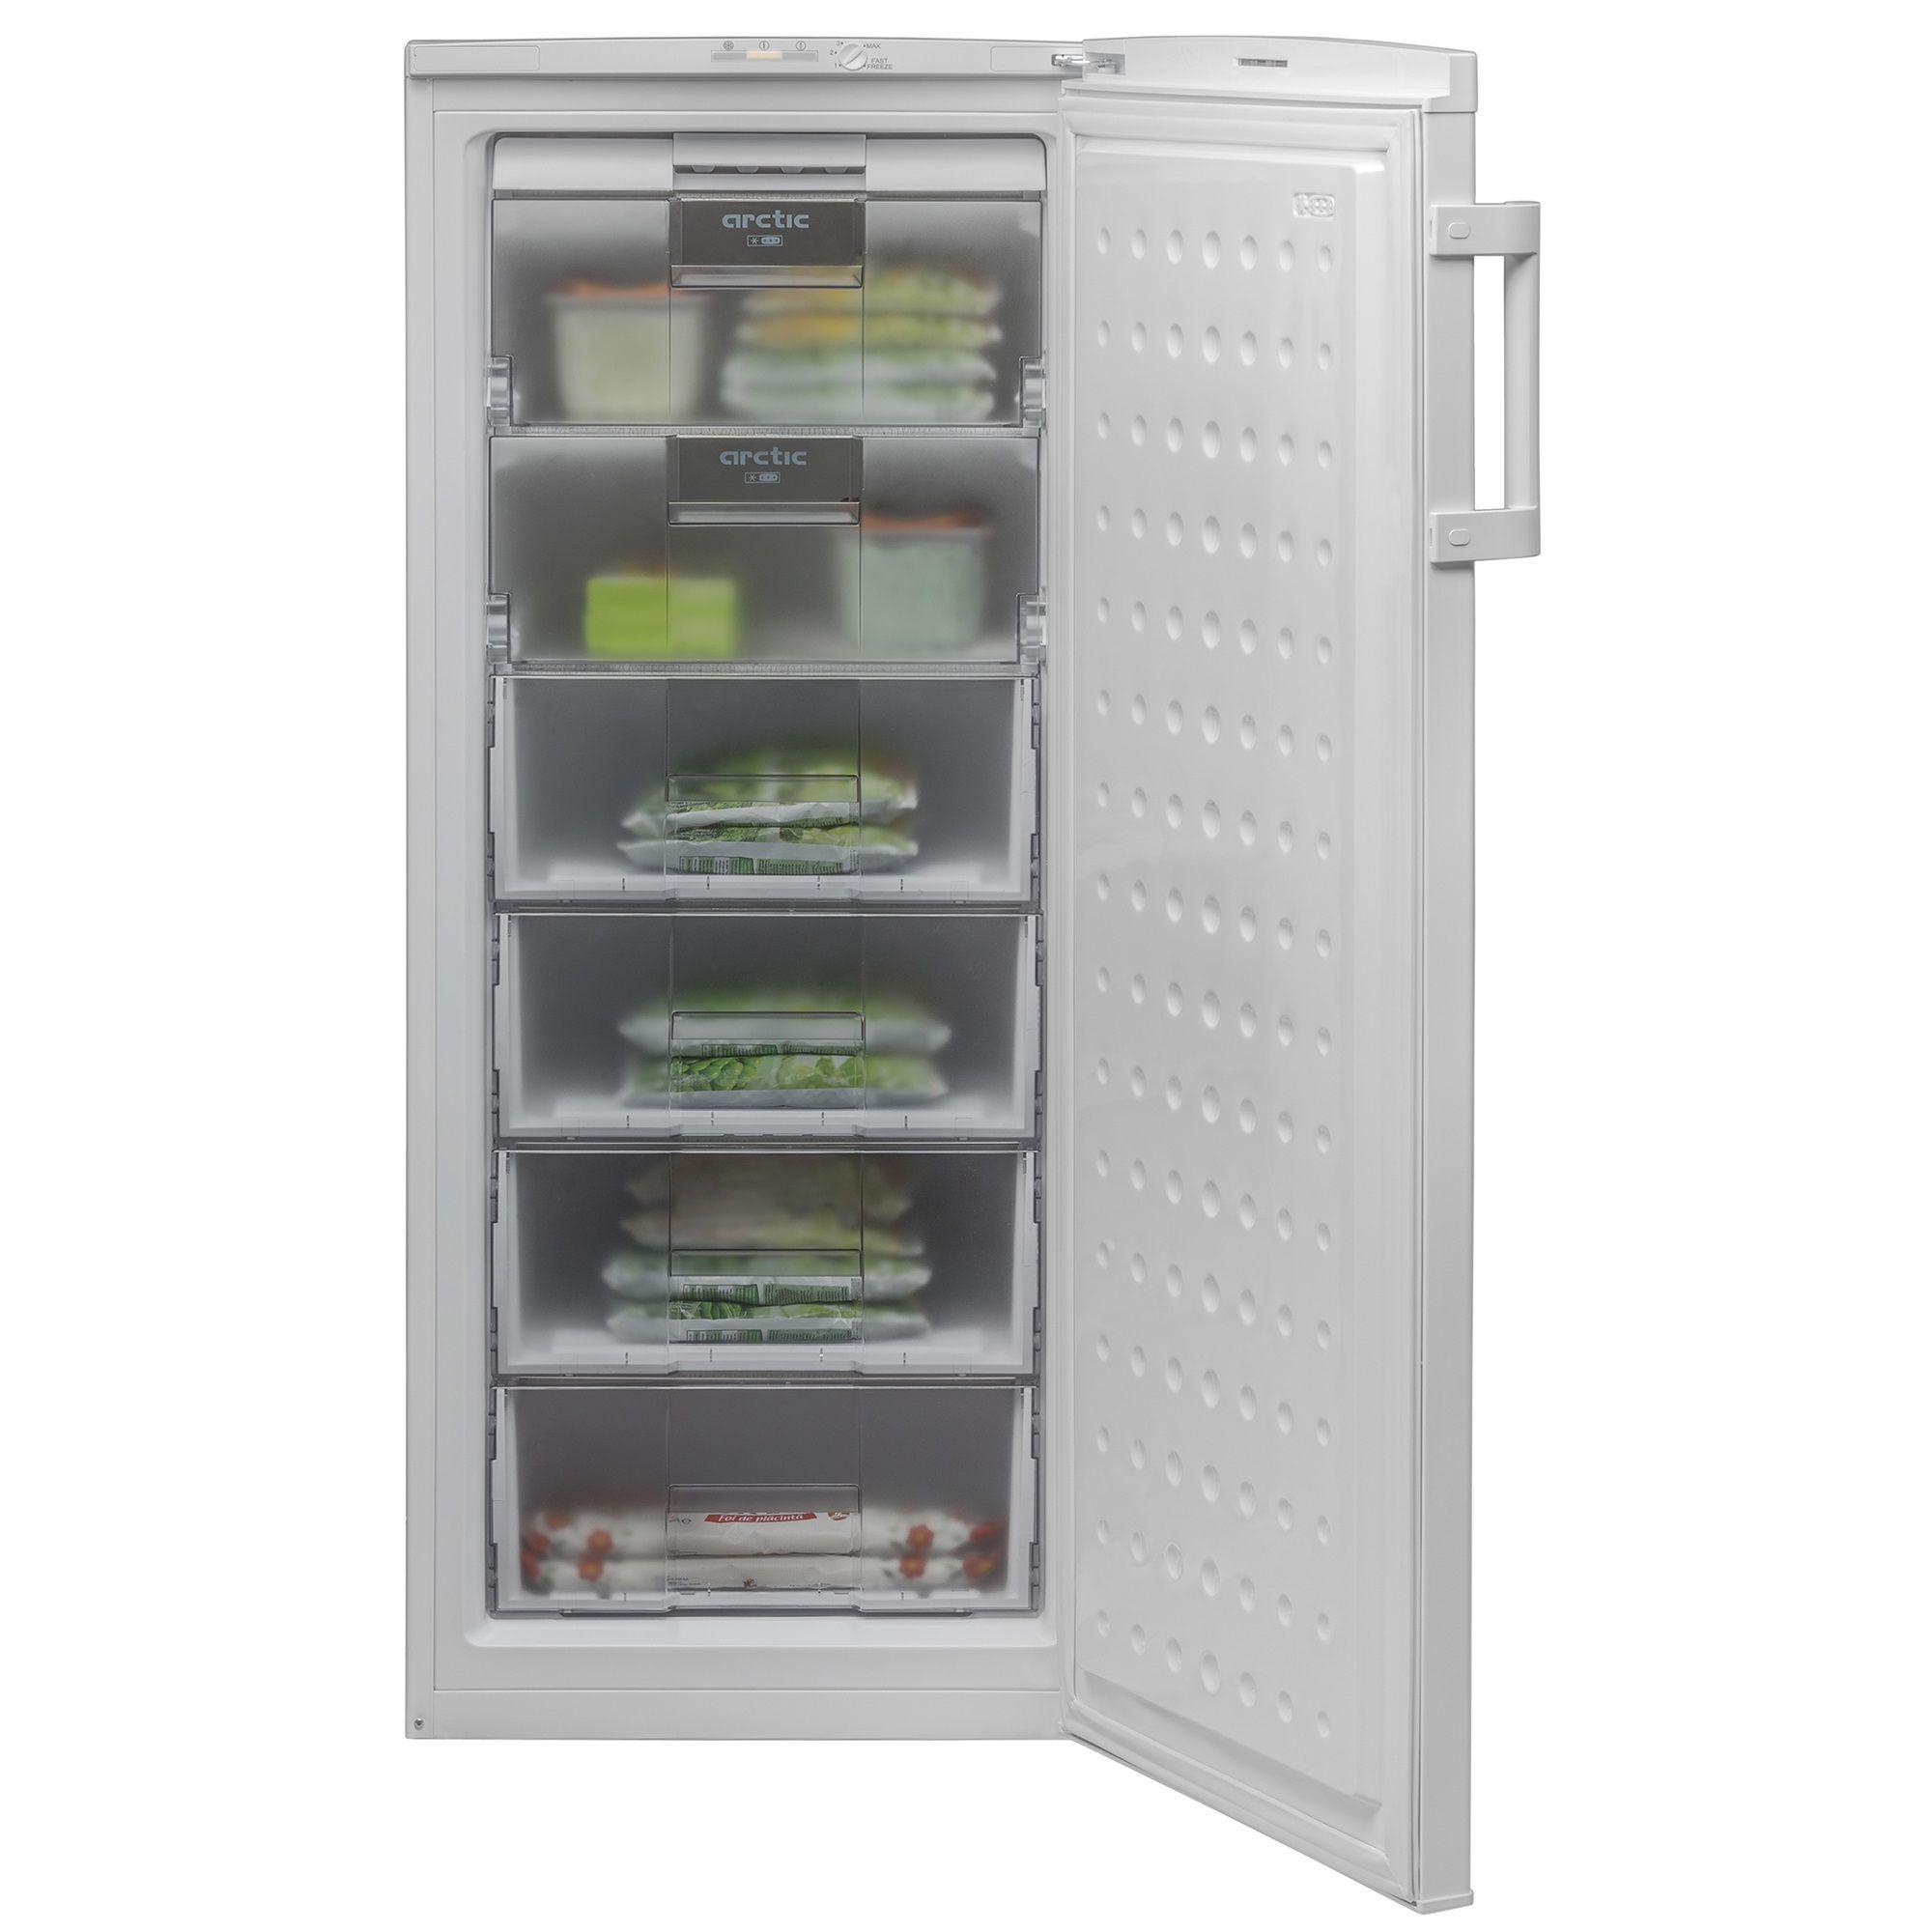 congelator reduceri emag